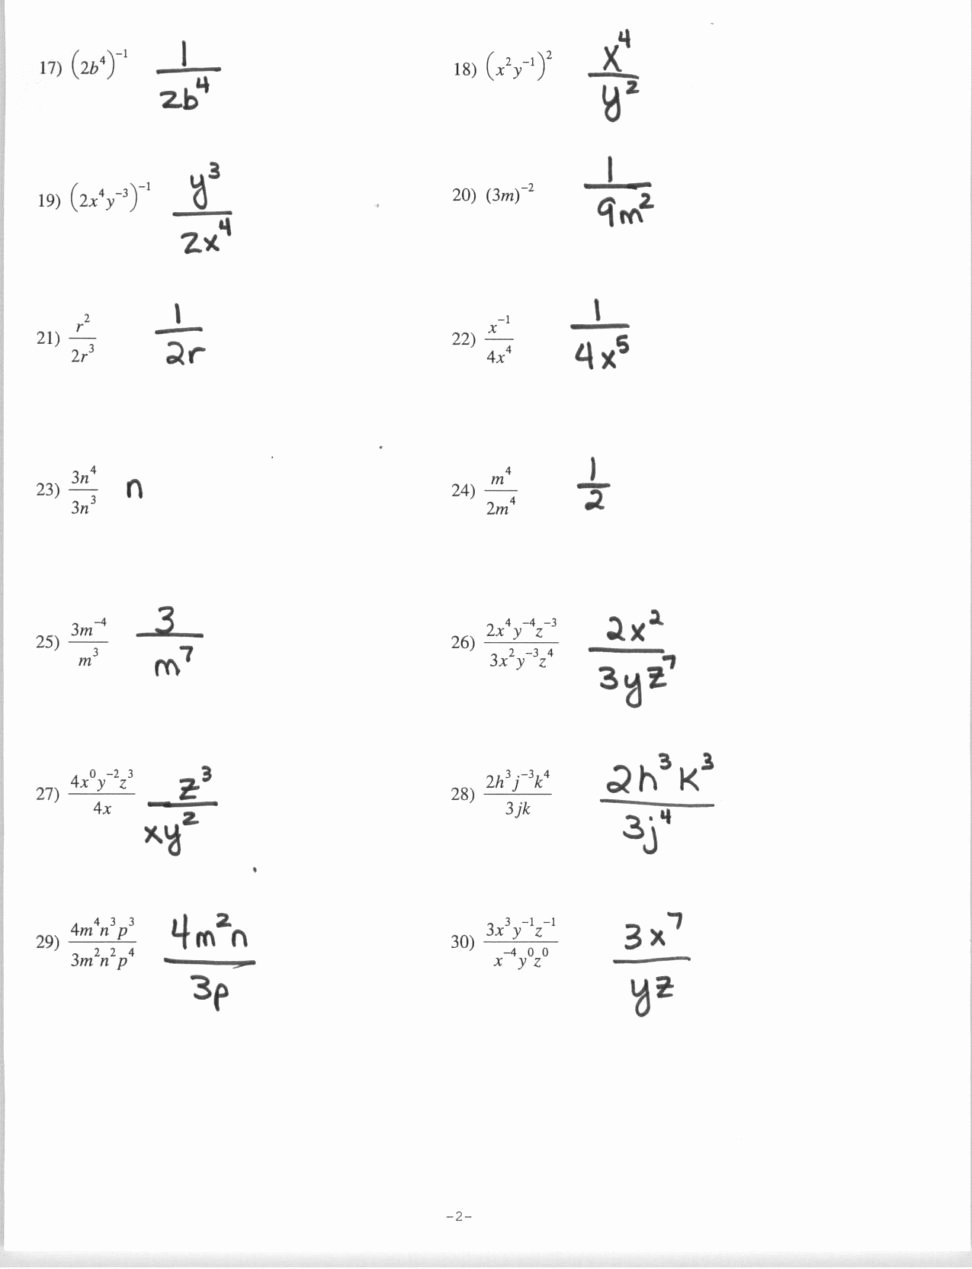 Zero Product Property Worksheet Awesome Zero Property Multiplication Worksheet Picture